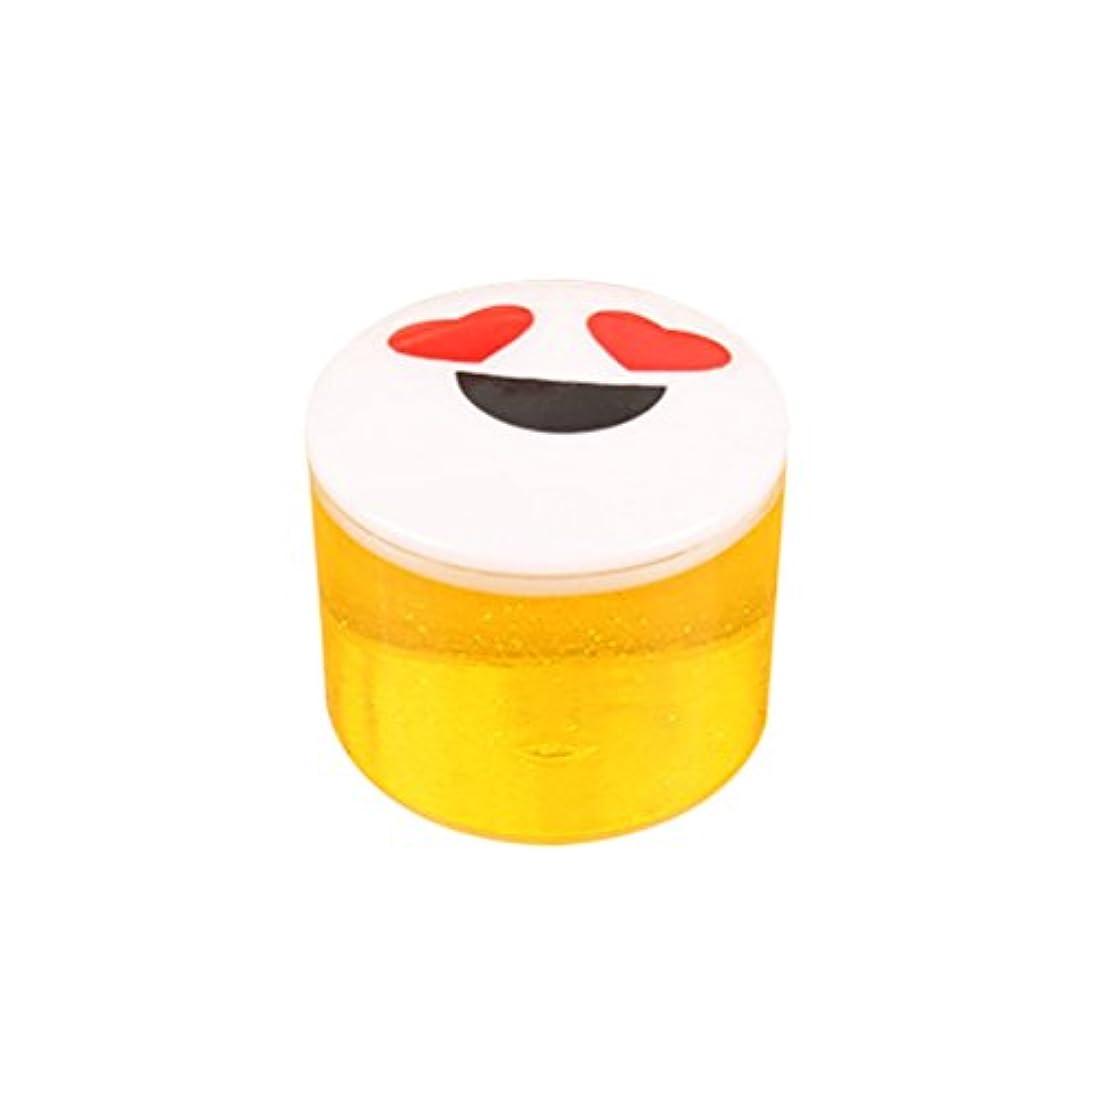 OUNONA 水晶粘土 DIY クリスタル泥 子供玩具(黄色とランダムパターン)